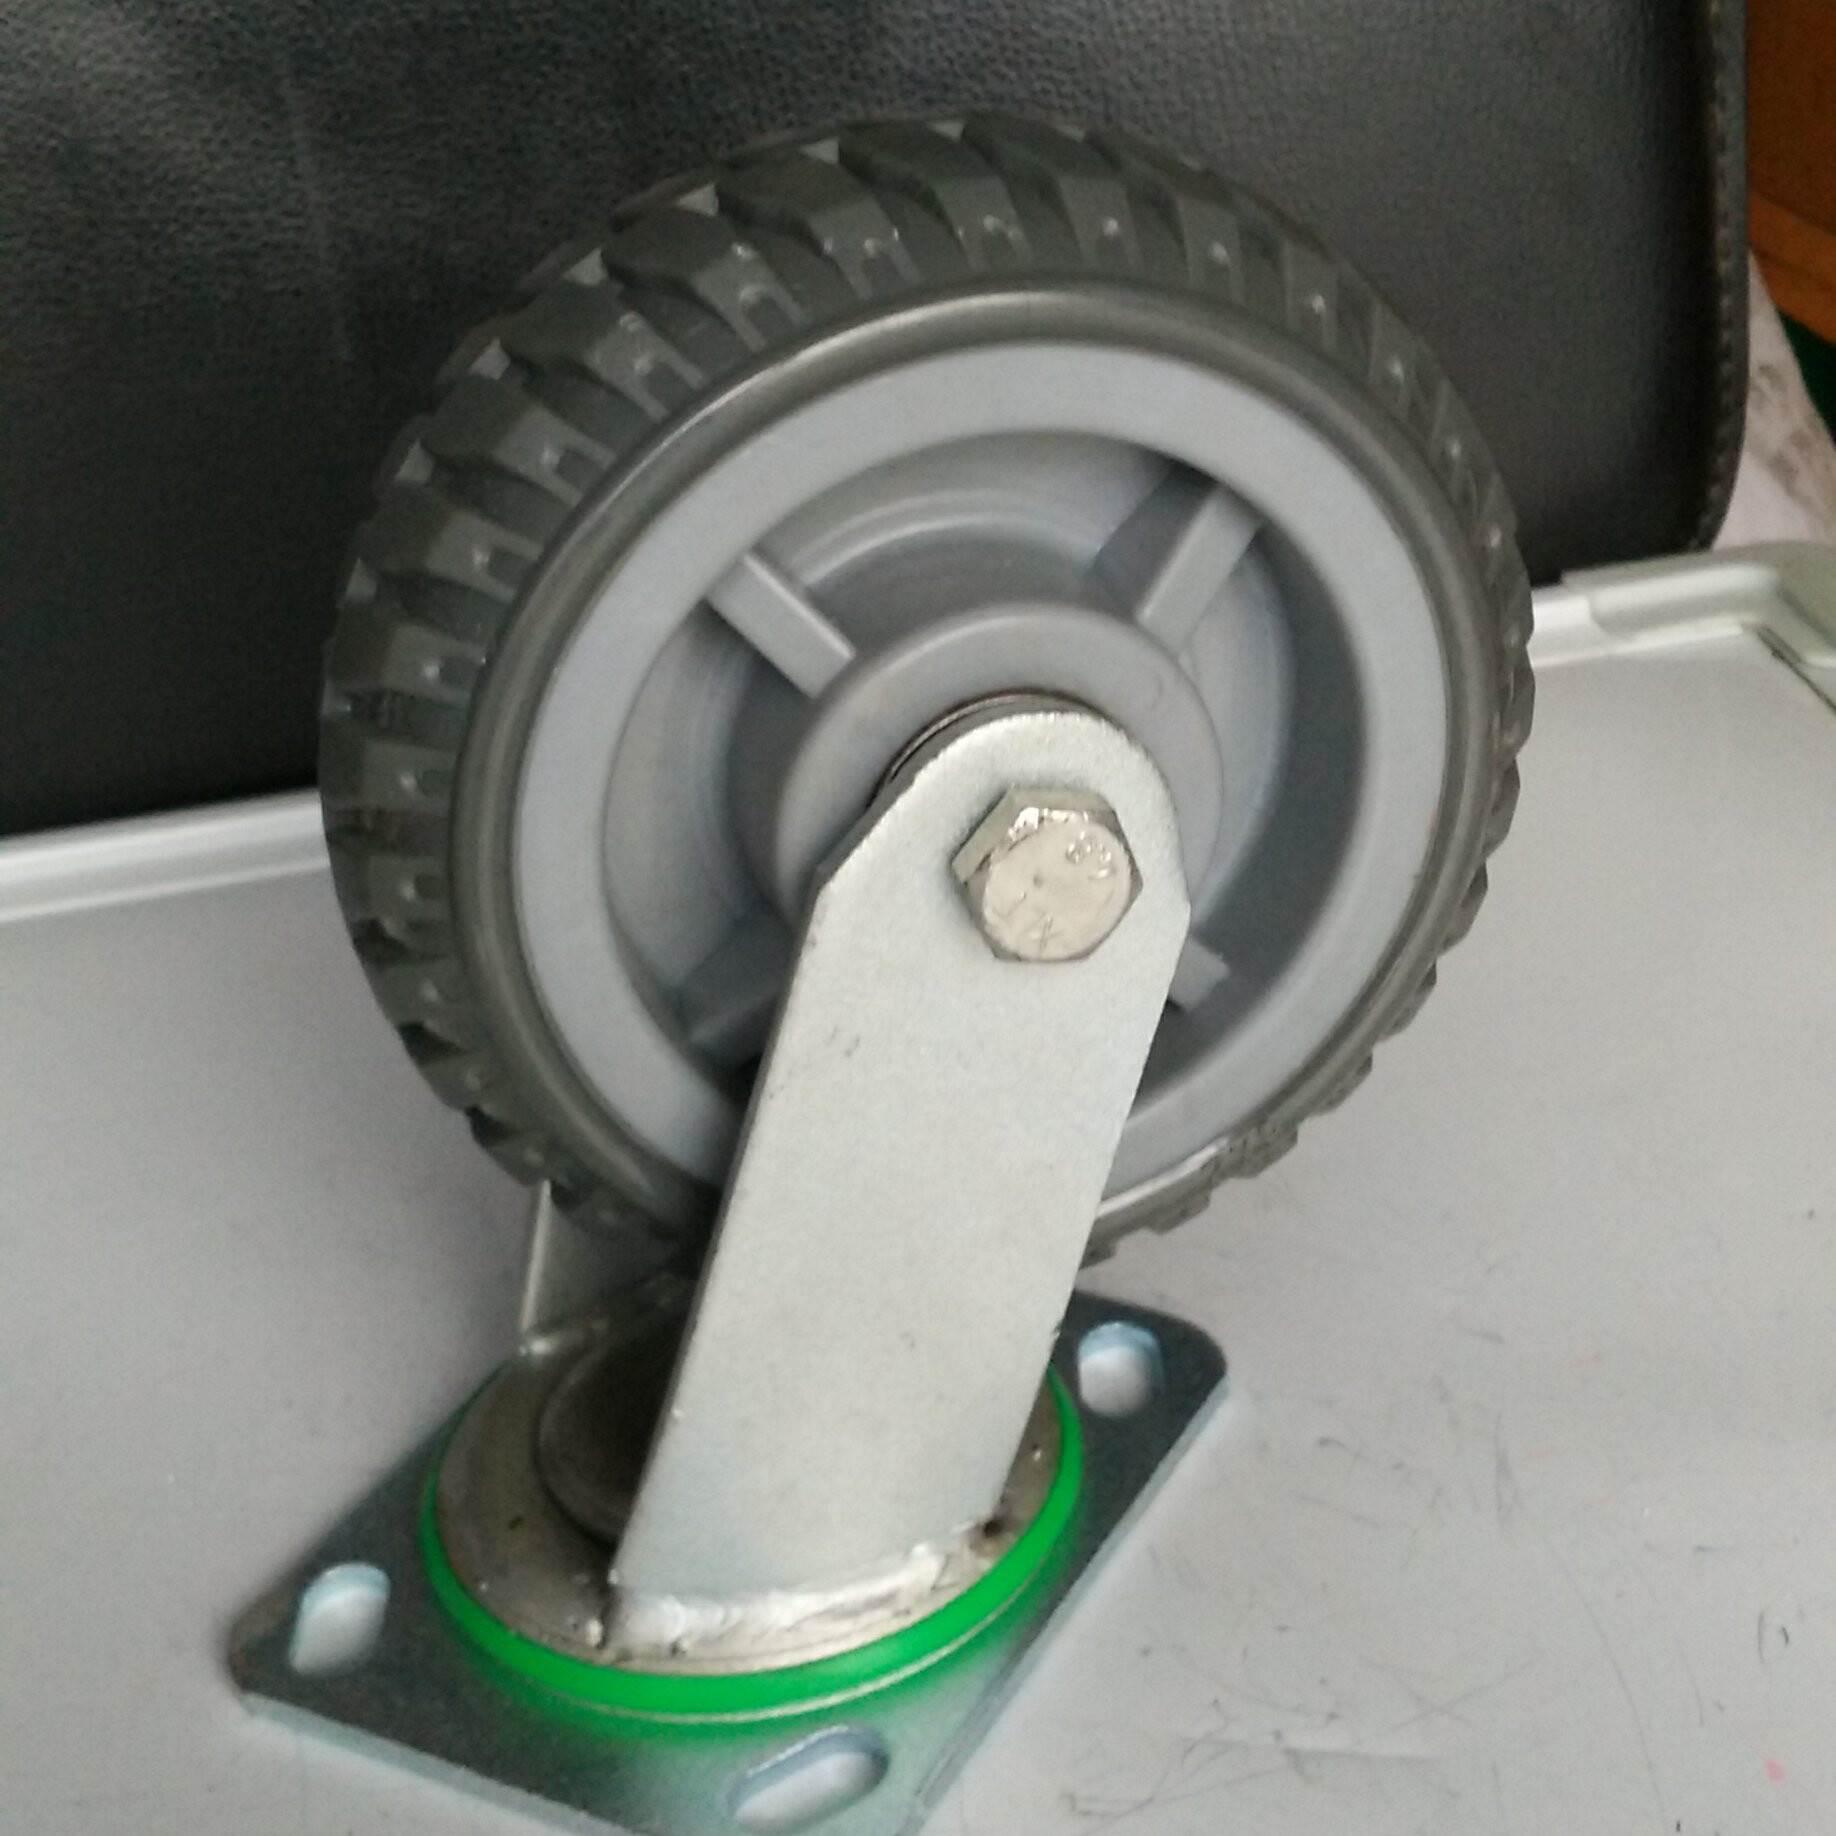 工业脚轮|樟树工业脚轮|工业脚轮规格|工业脚轮尺寸|工业脚轮厂